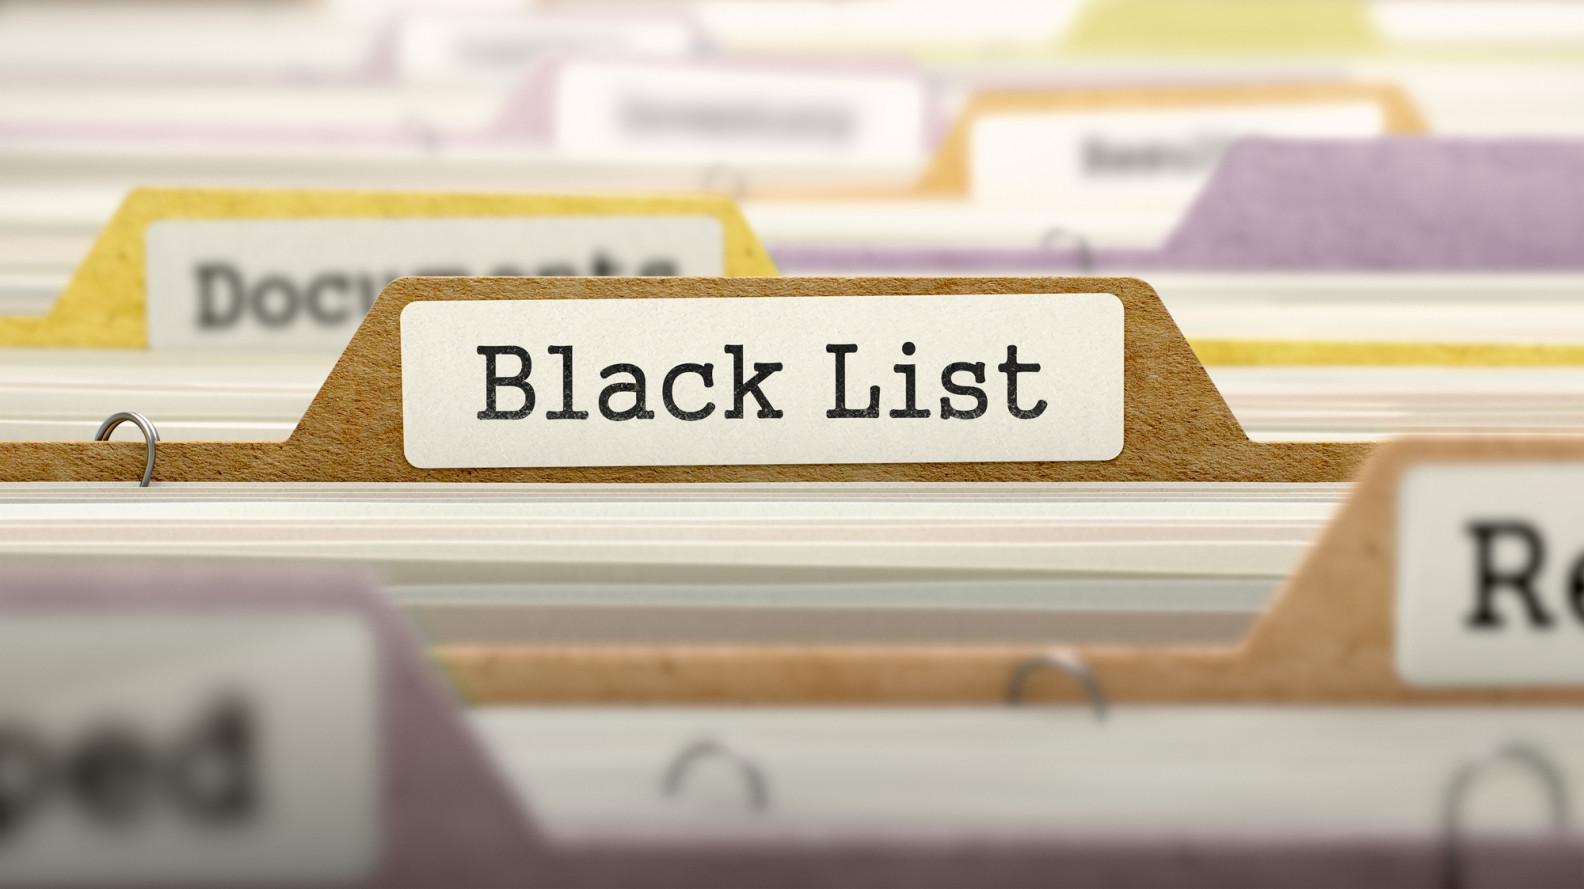 Black List listed websites